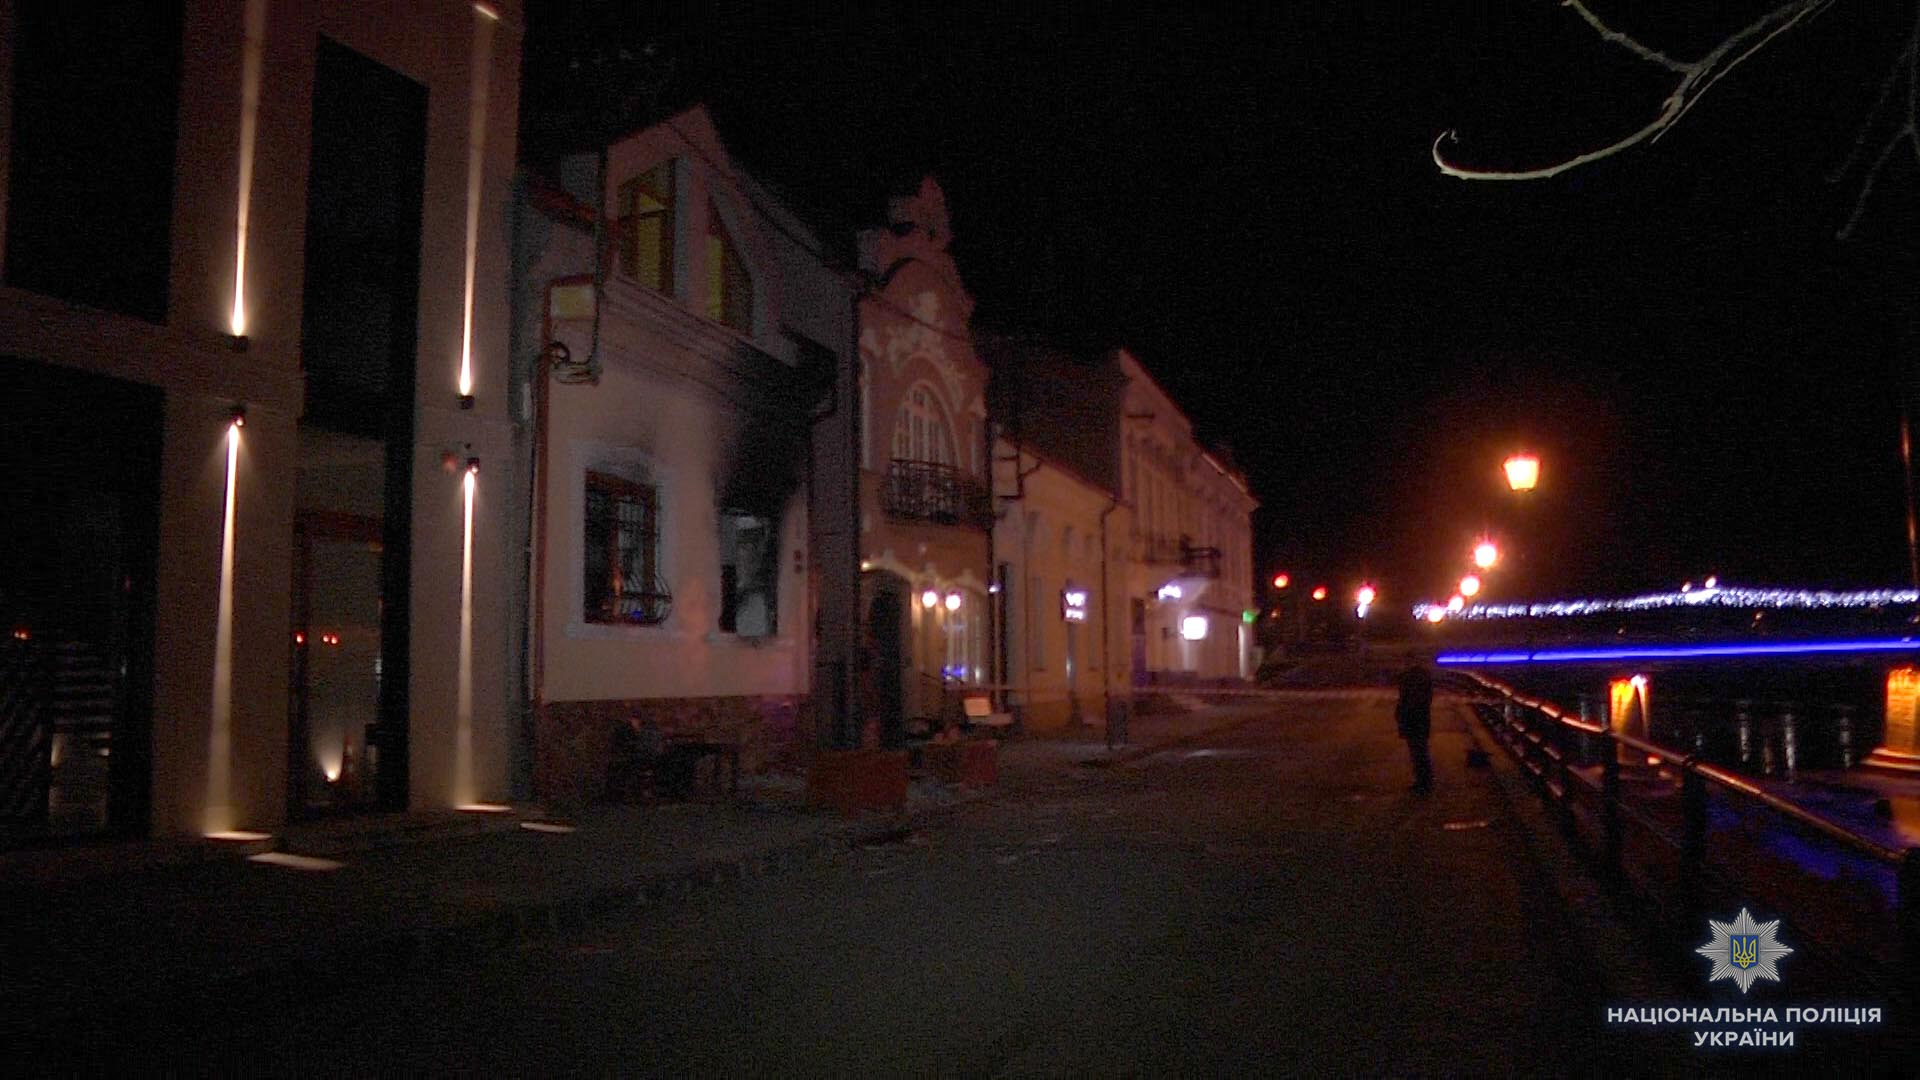 В Ужгороде вновь подожгли офис венгерской организации: фото